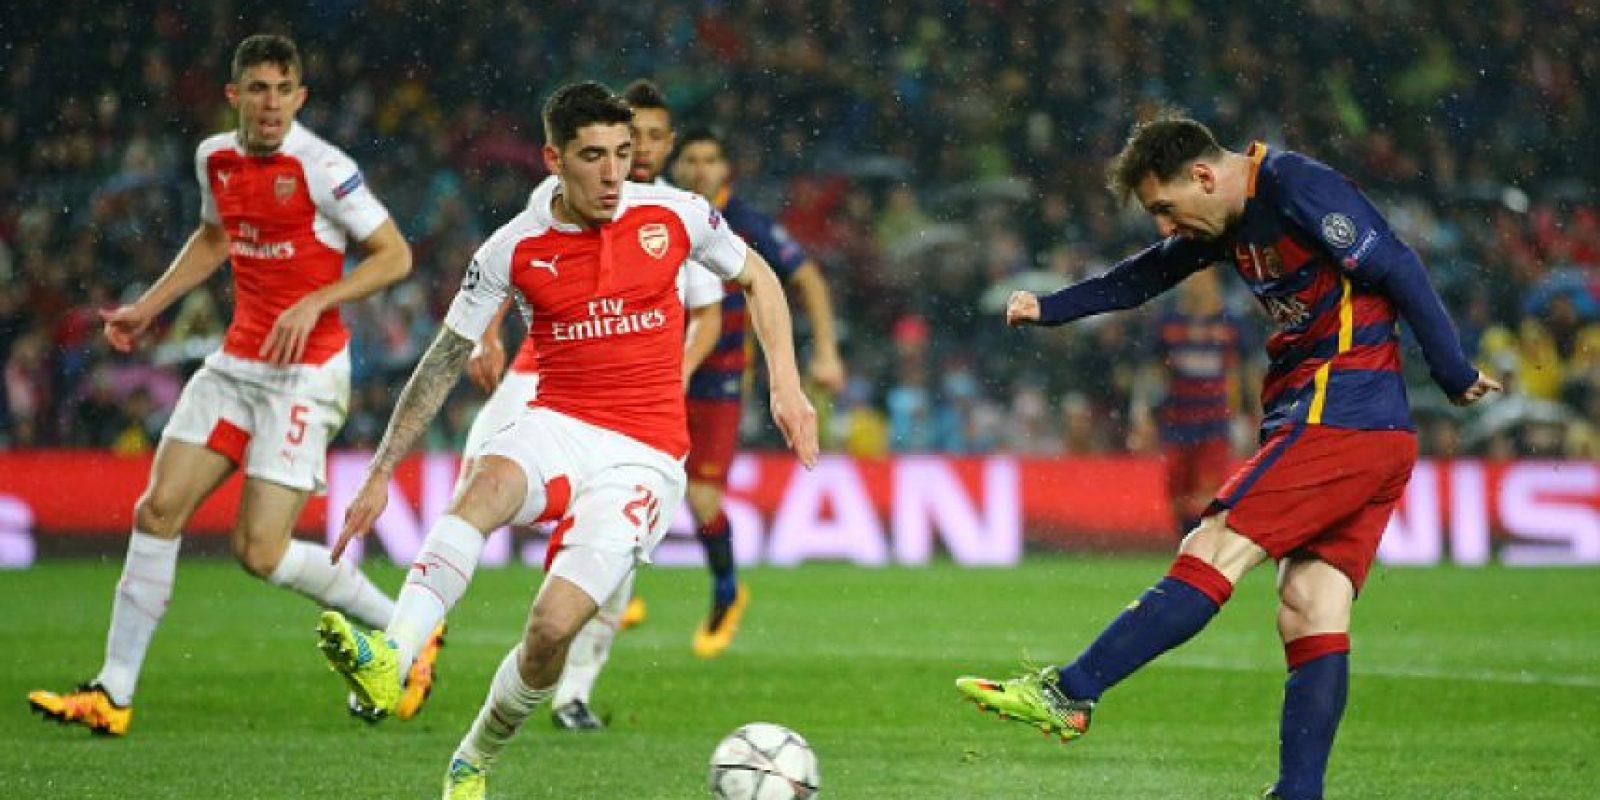 8. Máximo anotador de la Liga en una misma temporada: 50 goles en 37 partidos (2011-2012) Foto:Getty Images